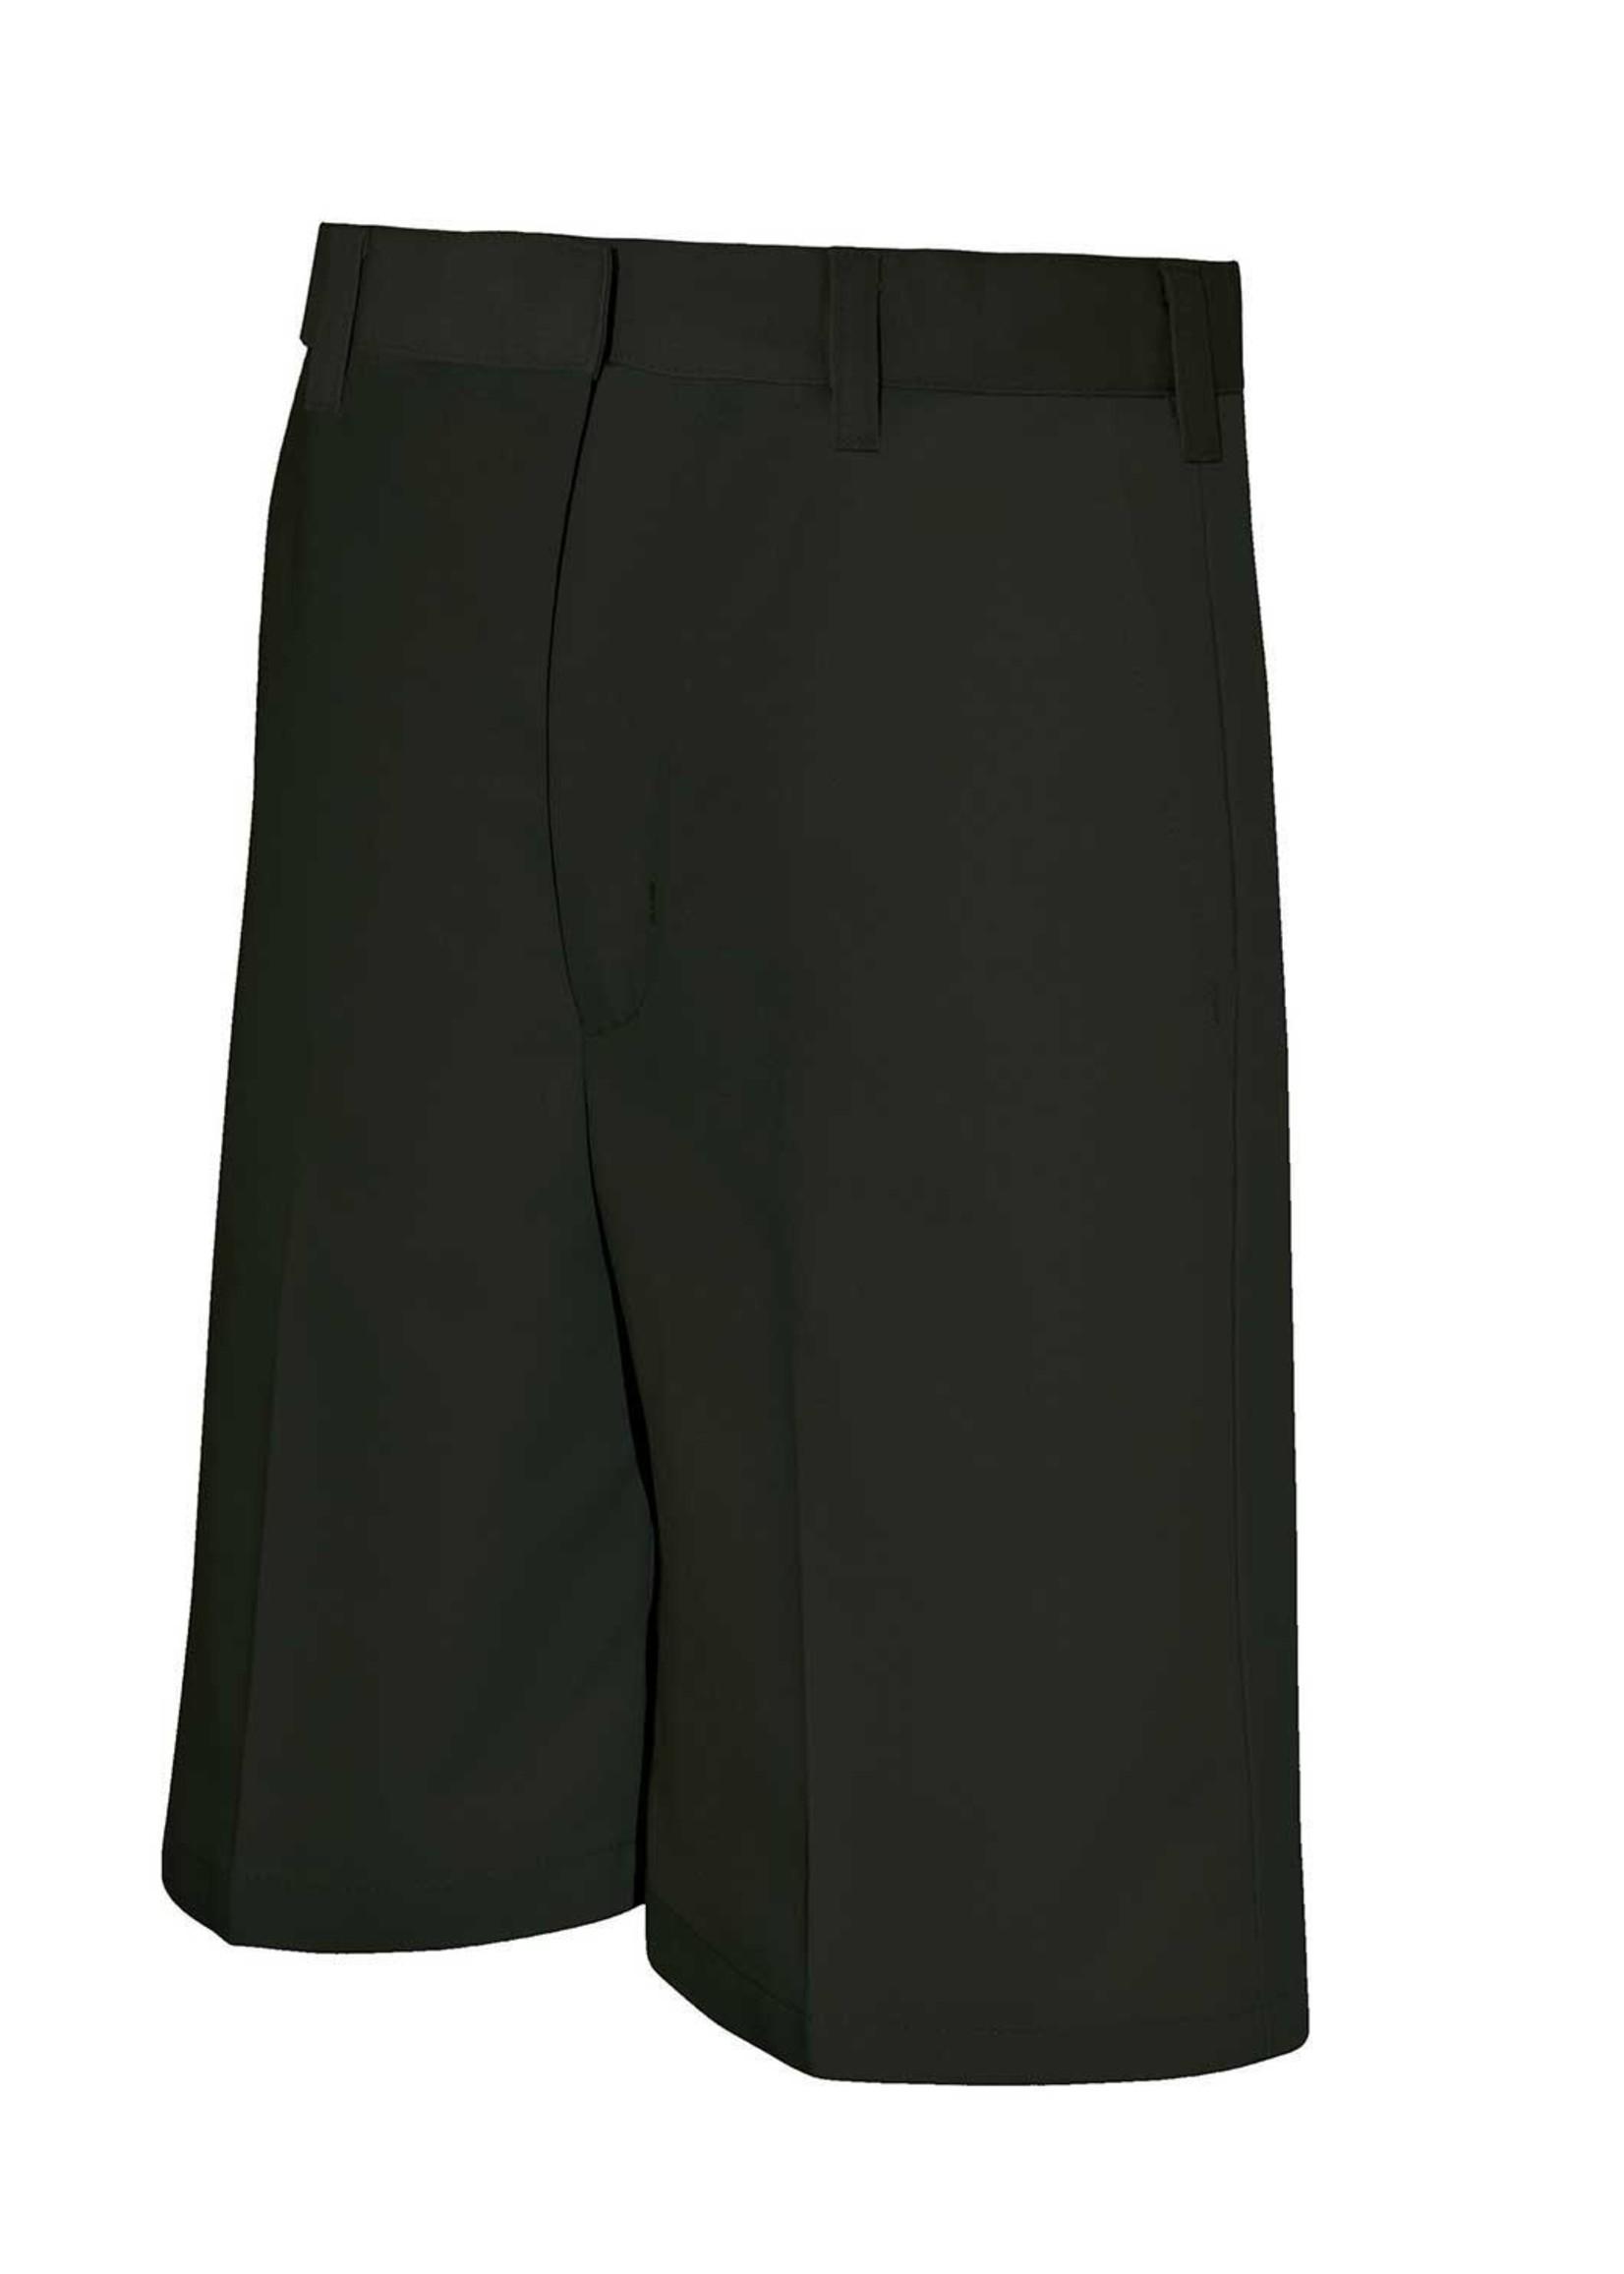 A+ ROCK Boys Flat Front Shorts Boys